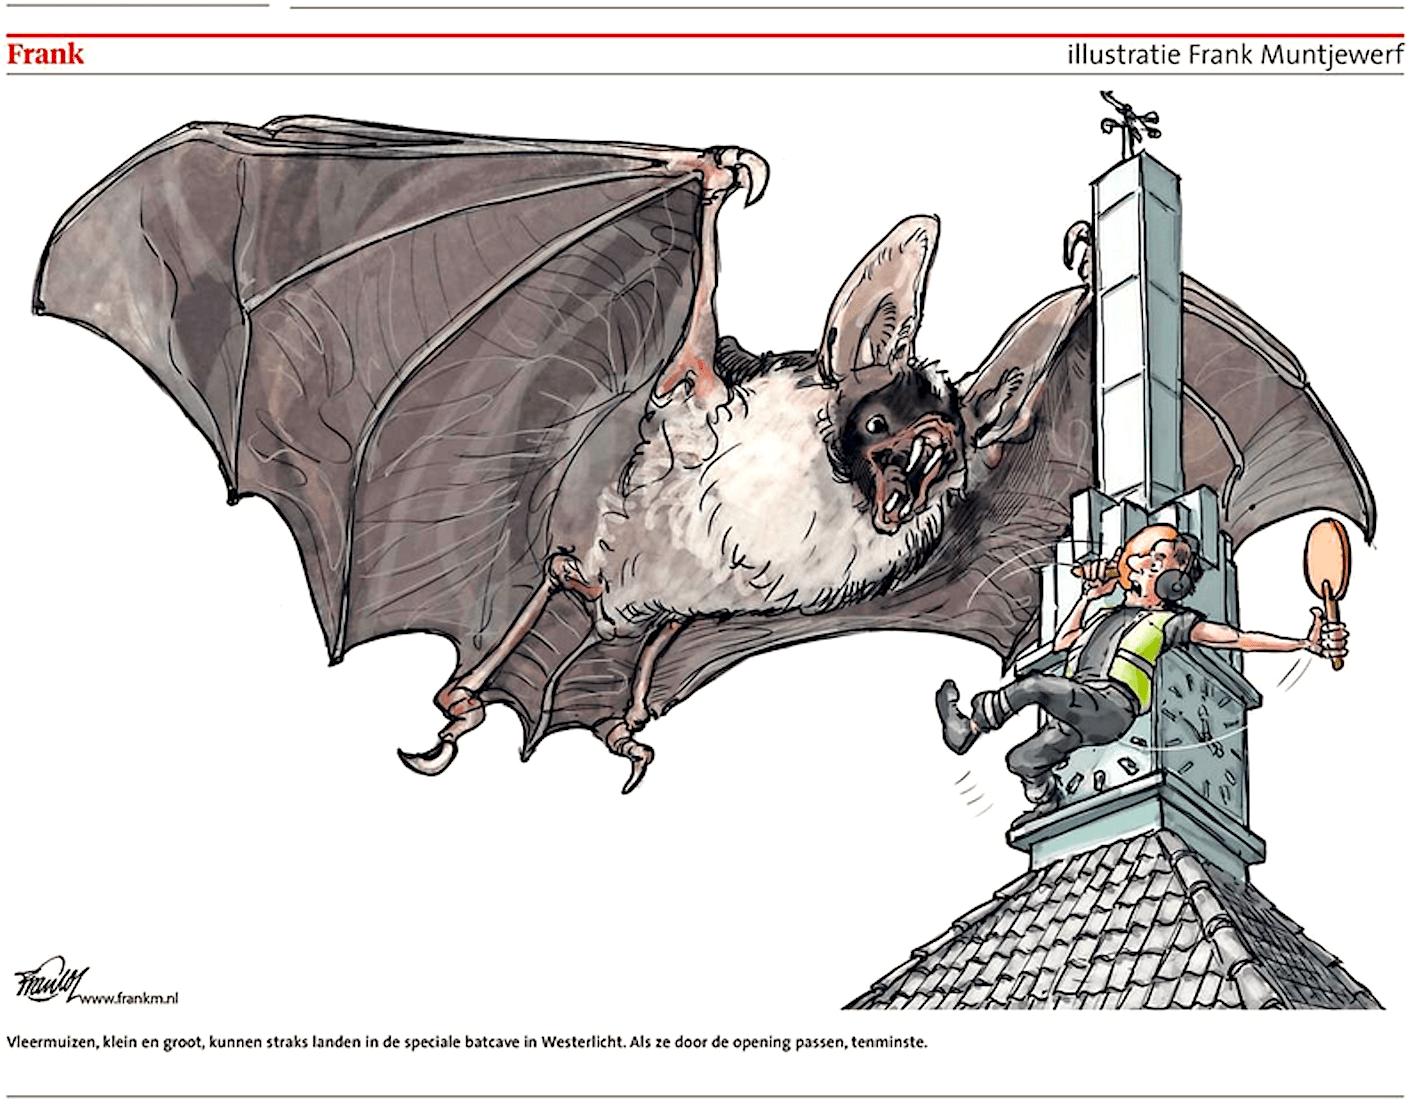 Frank Muntjewerf – Vleermuizen